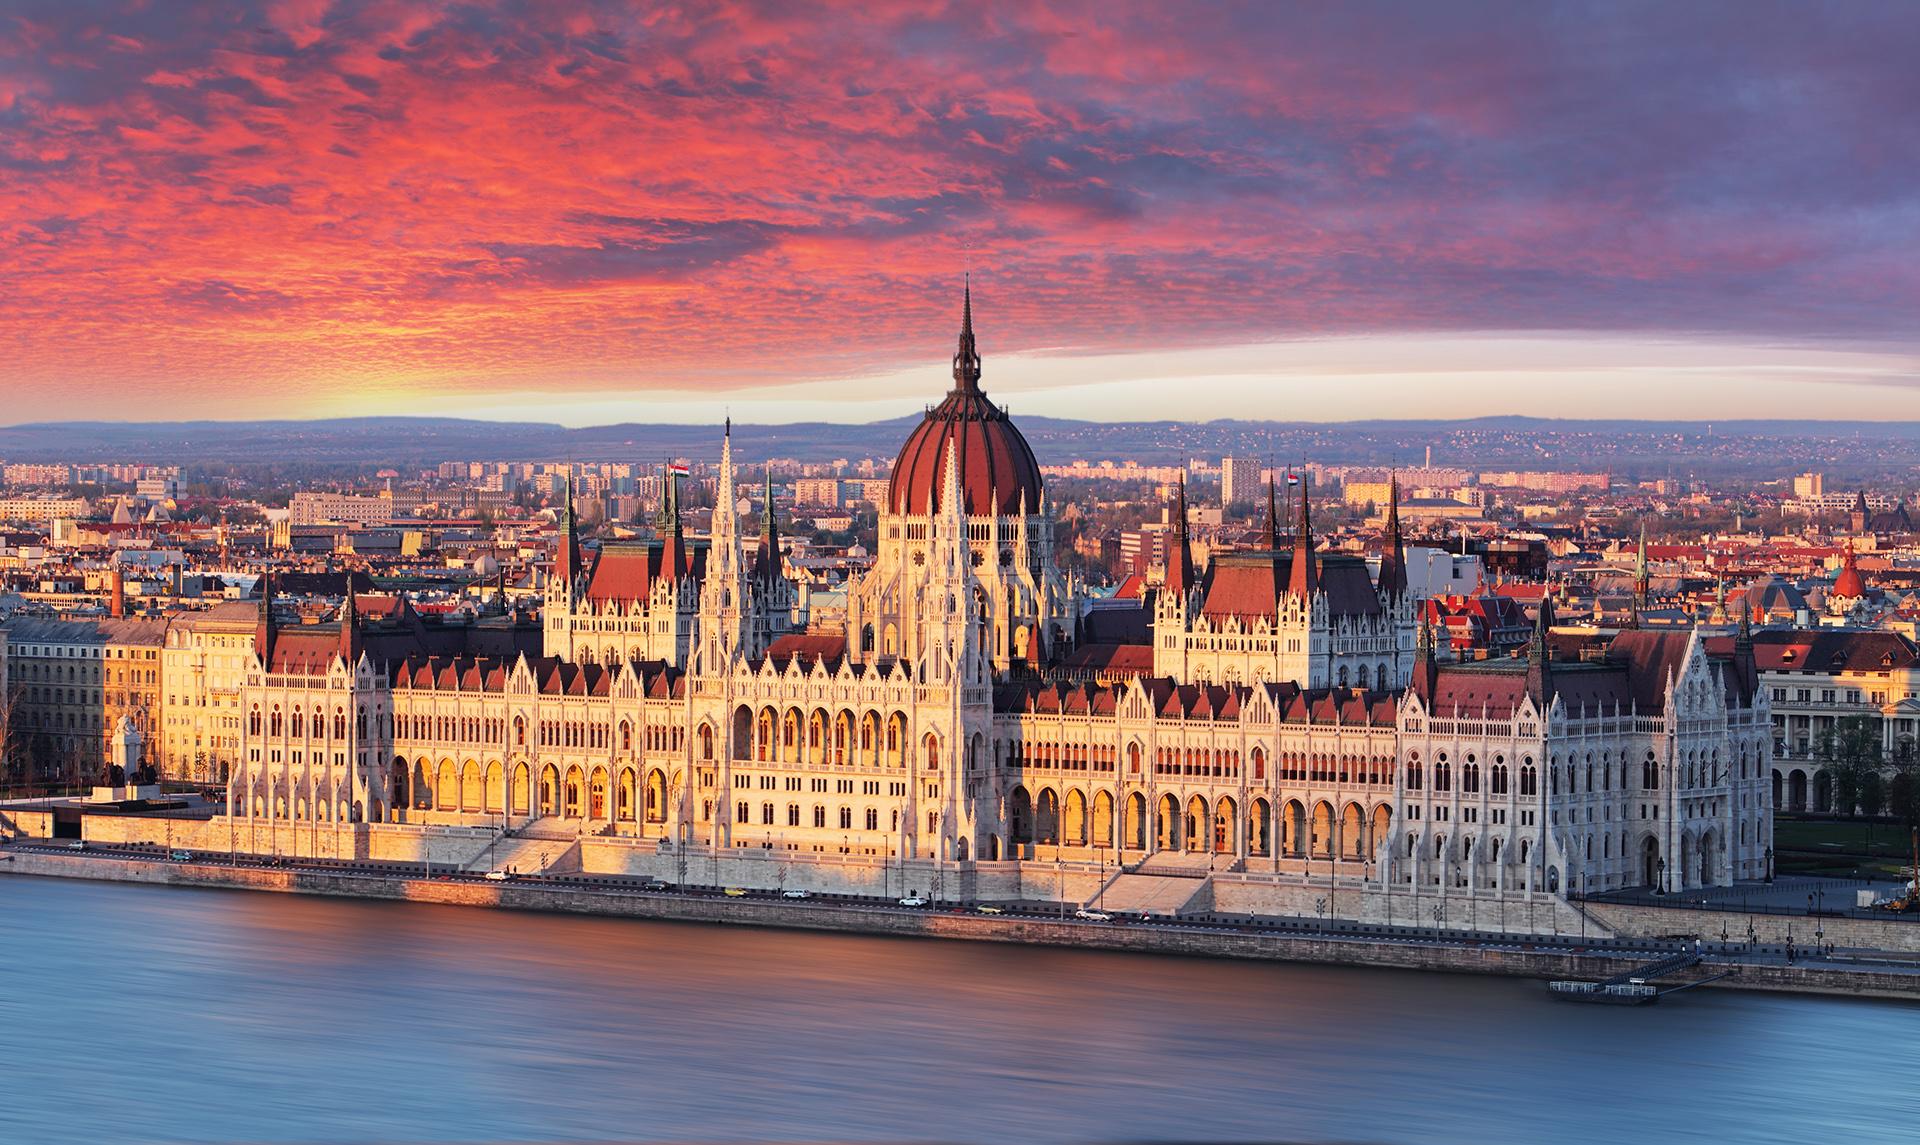 Es el destino ideal para los amantes de la arquitectura neogótica, siglos de historia, castillos imponentes y comida exquisita. Budapest fue nombrada como una de las ciudades más bellas de Europa, y es una de las más informales. En invierno hace mucho frío y en verano hace mucho calor